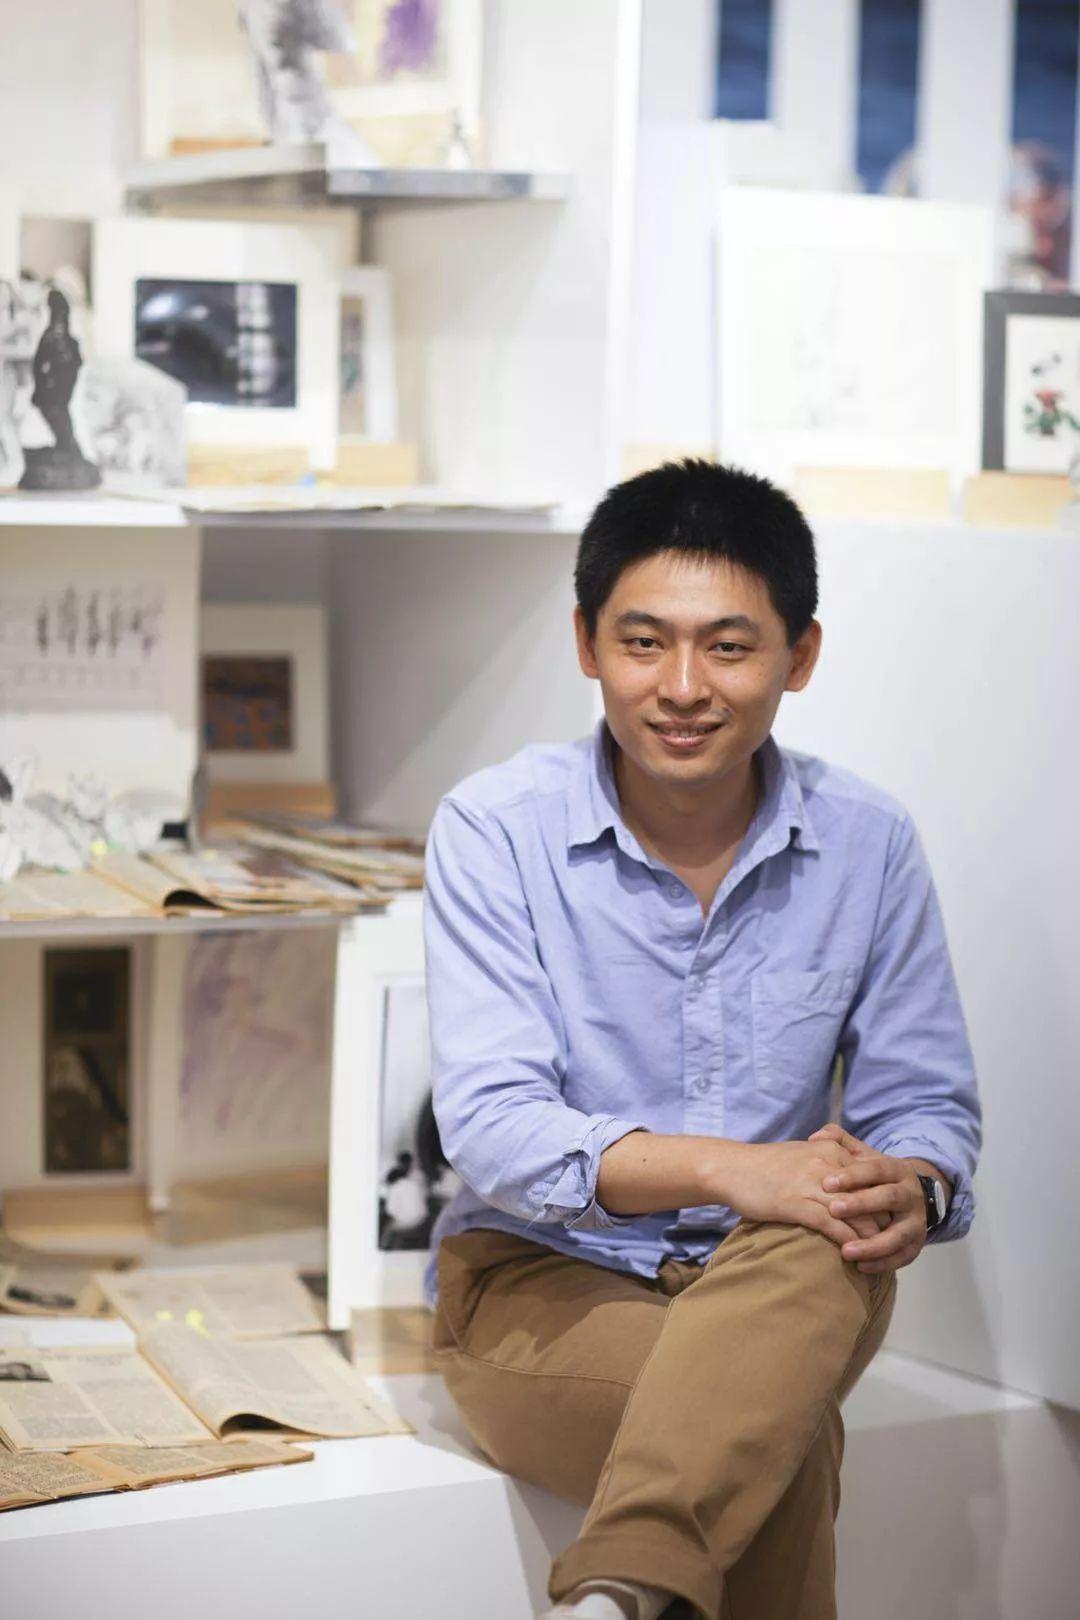 艺术家、策展人,1976年出生于江苏常州,现工作生活于北京。